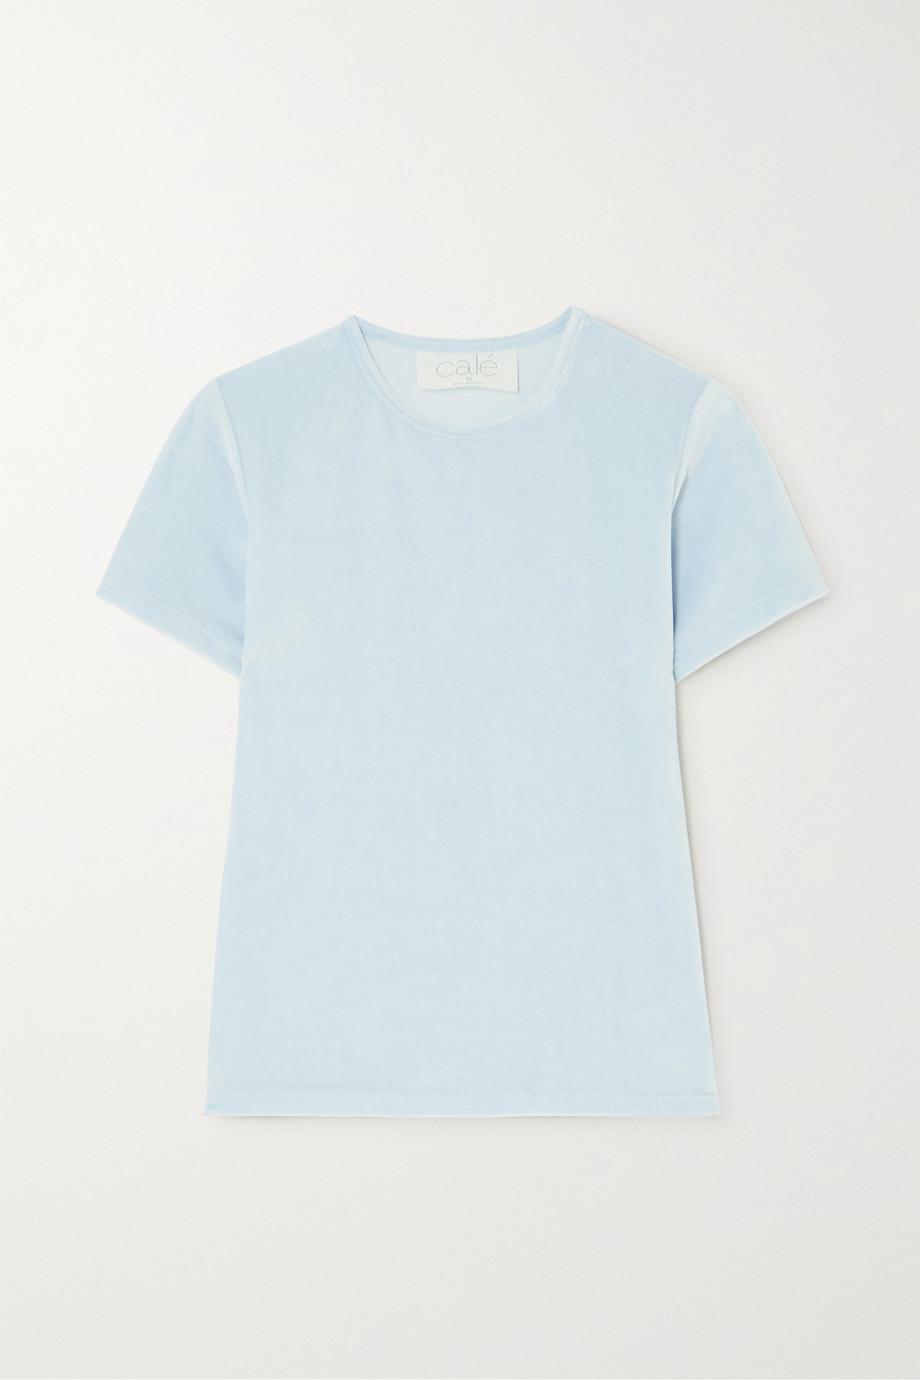 calé Nina velour t-shirt